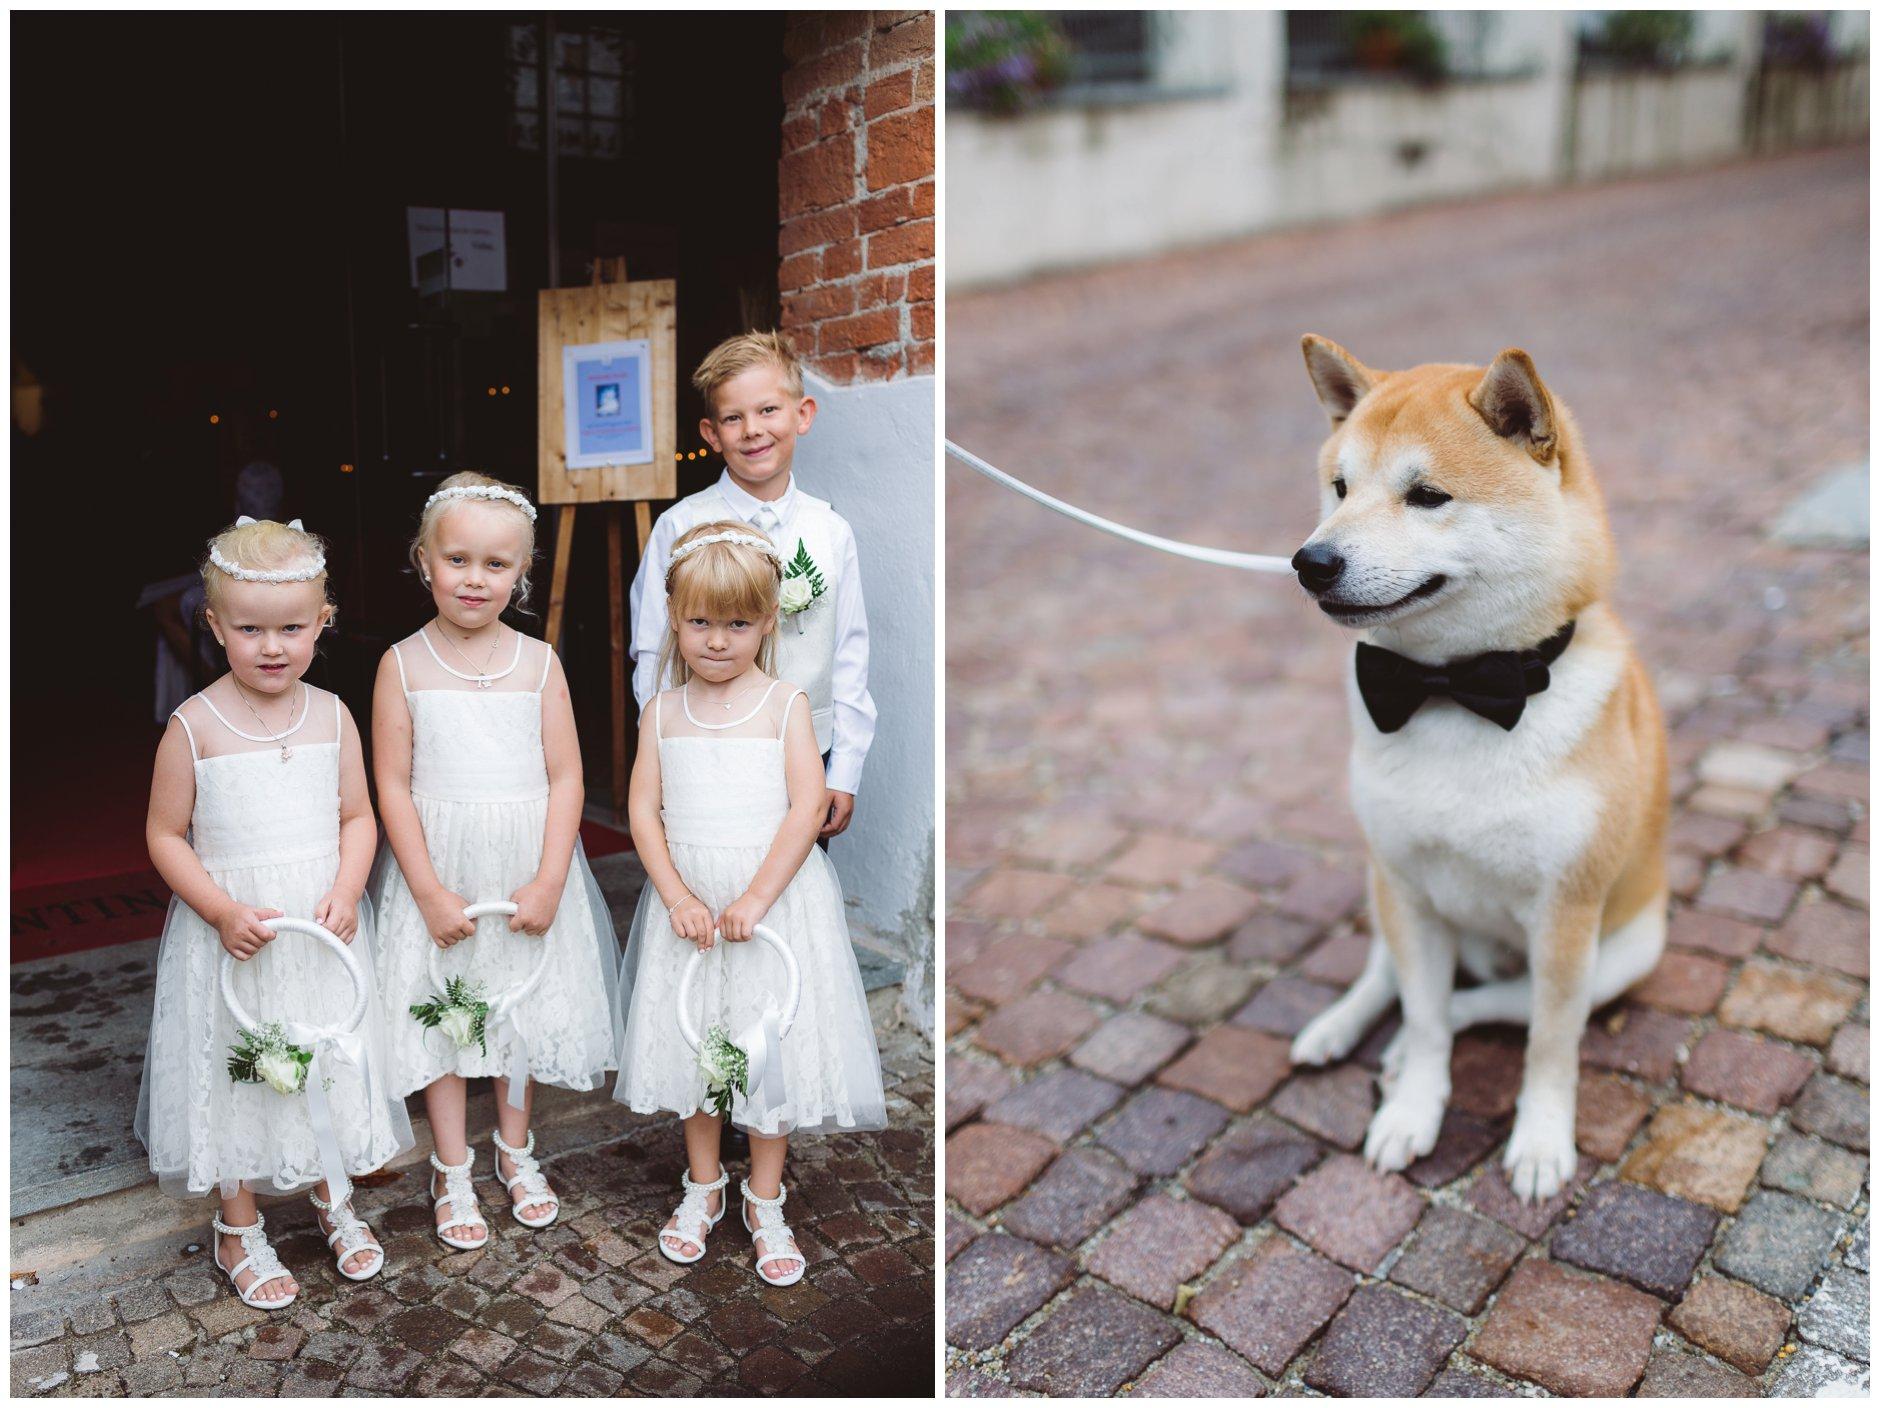 Fotograf-Eline-Jacobine-Bryllup-Ane-og-Børge_0044